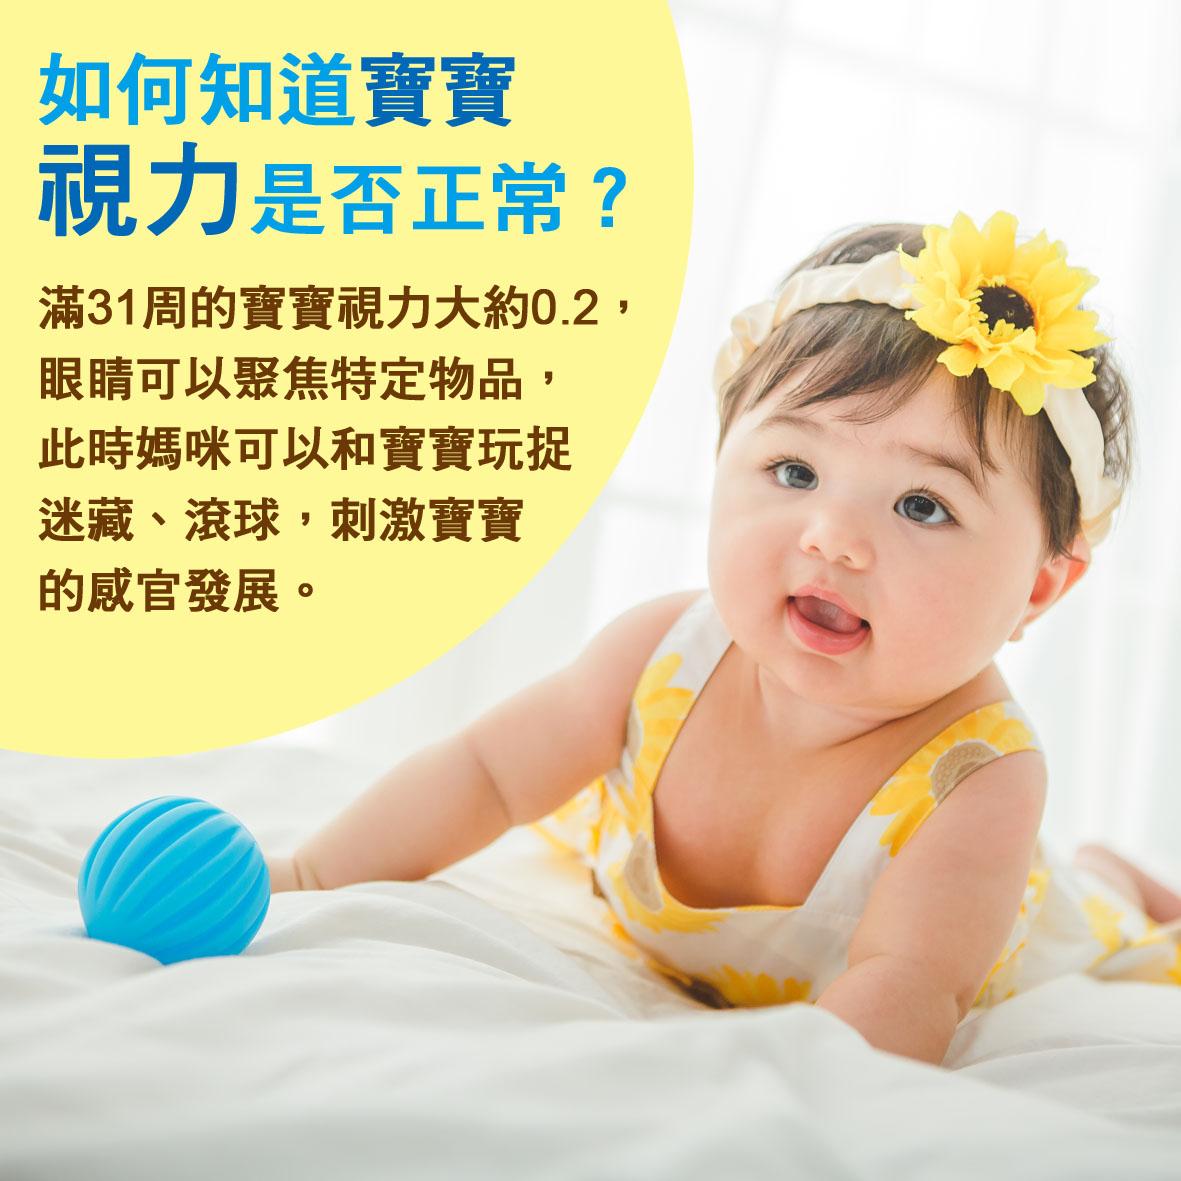 寶寶篇第31週-如何知道寶寶視力是否正常?